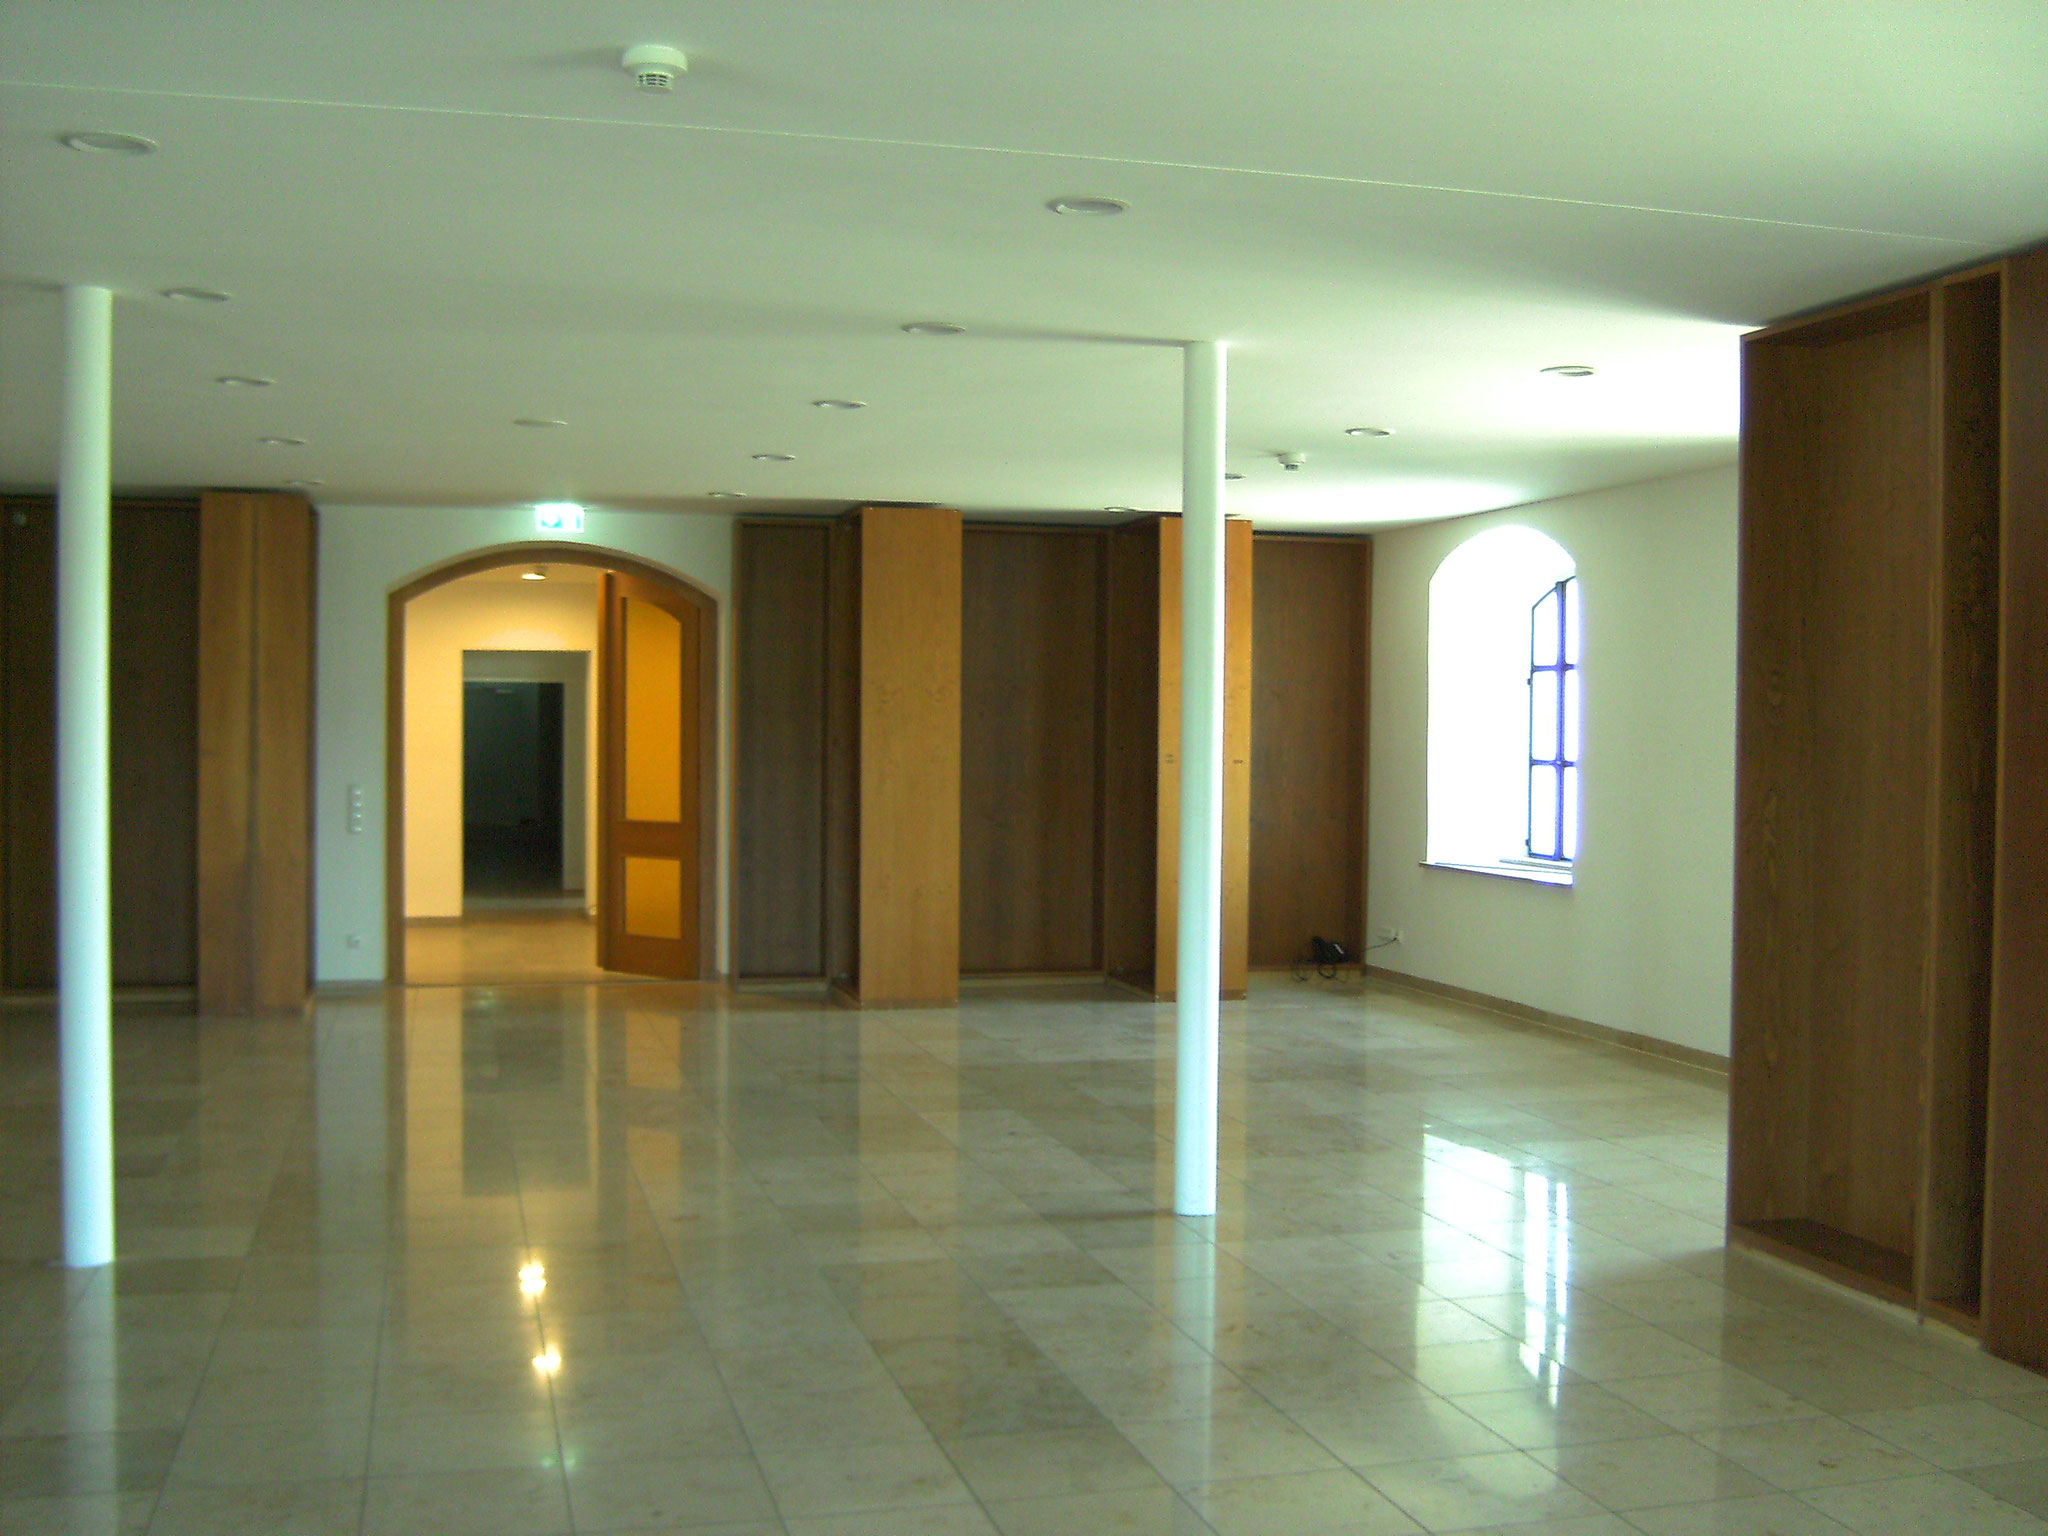 im neuen Gäste-Aufenthaltsraum können die Bibliotheks-Regale wiederverwendet werden